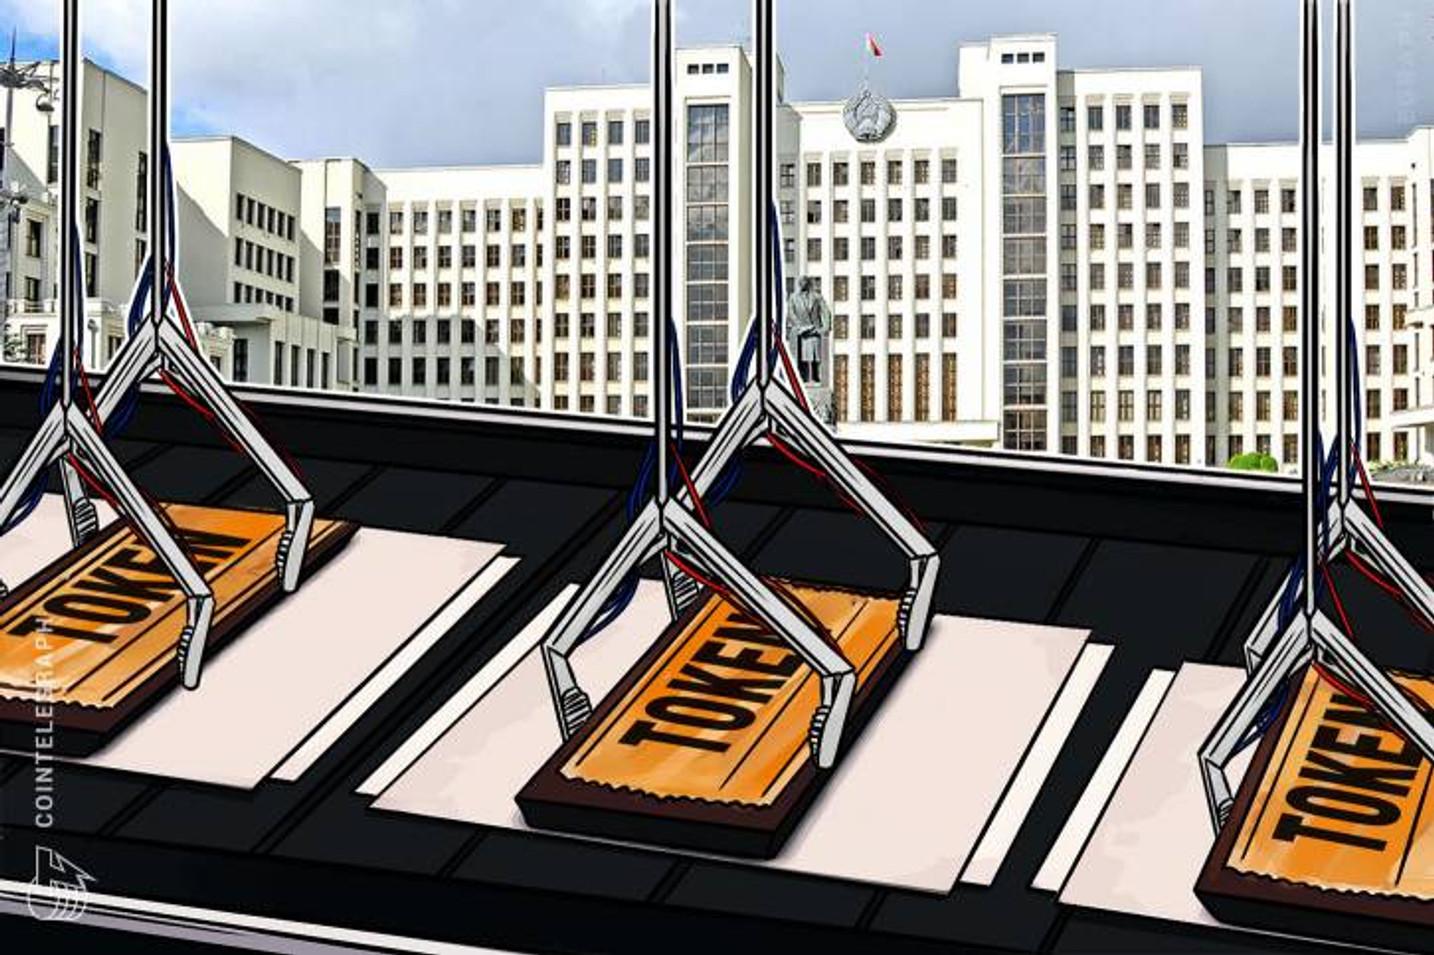 L'exchange sudcoreano Bithumb lancerà il proprio token a Singapore